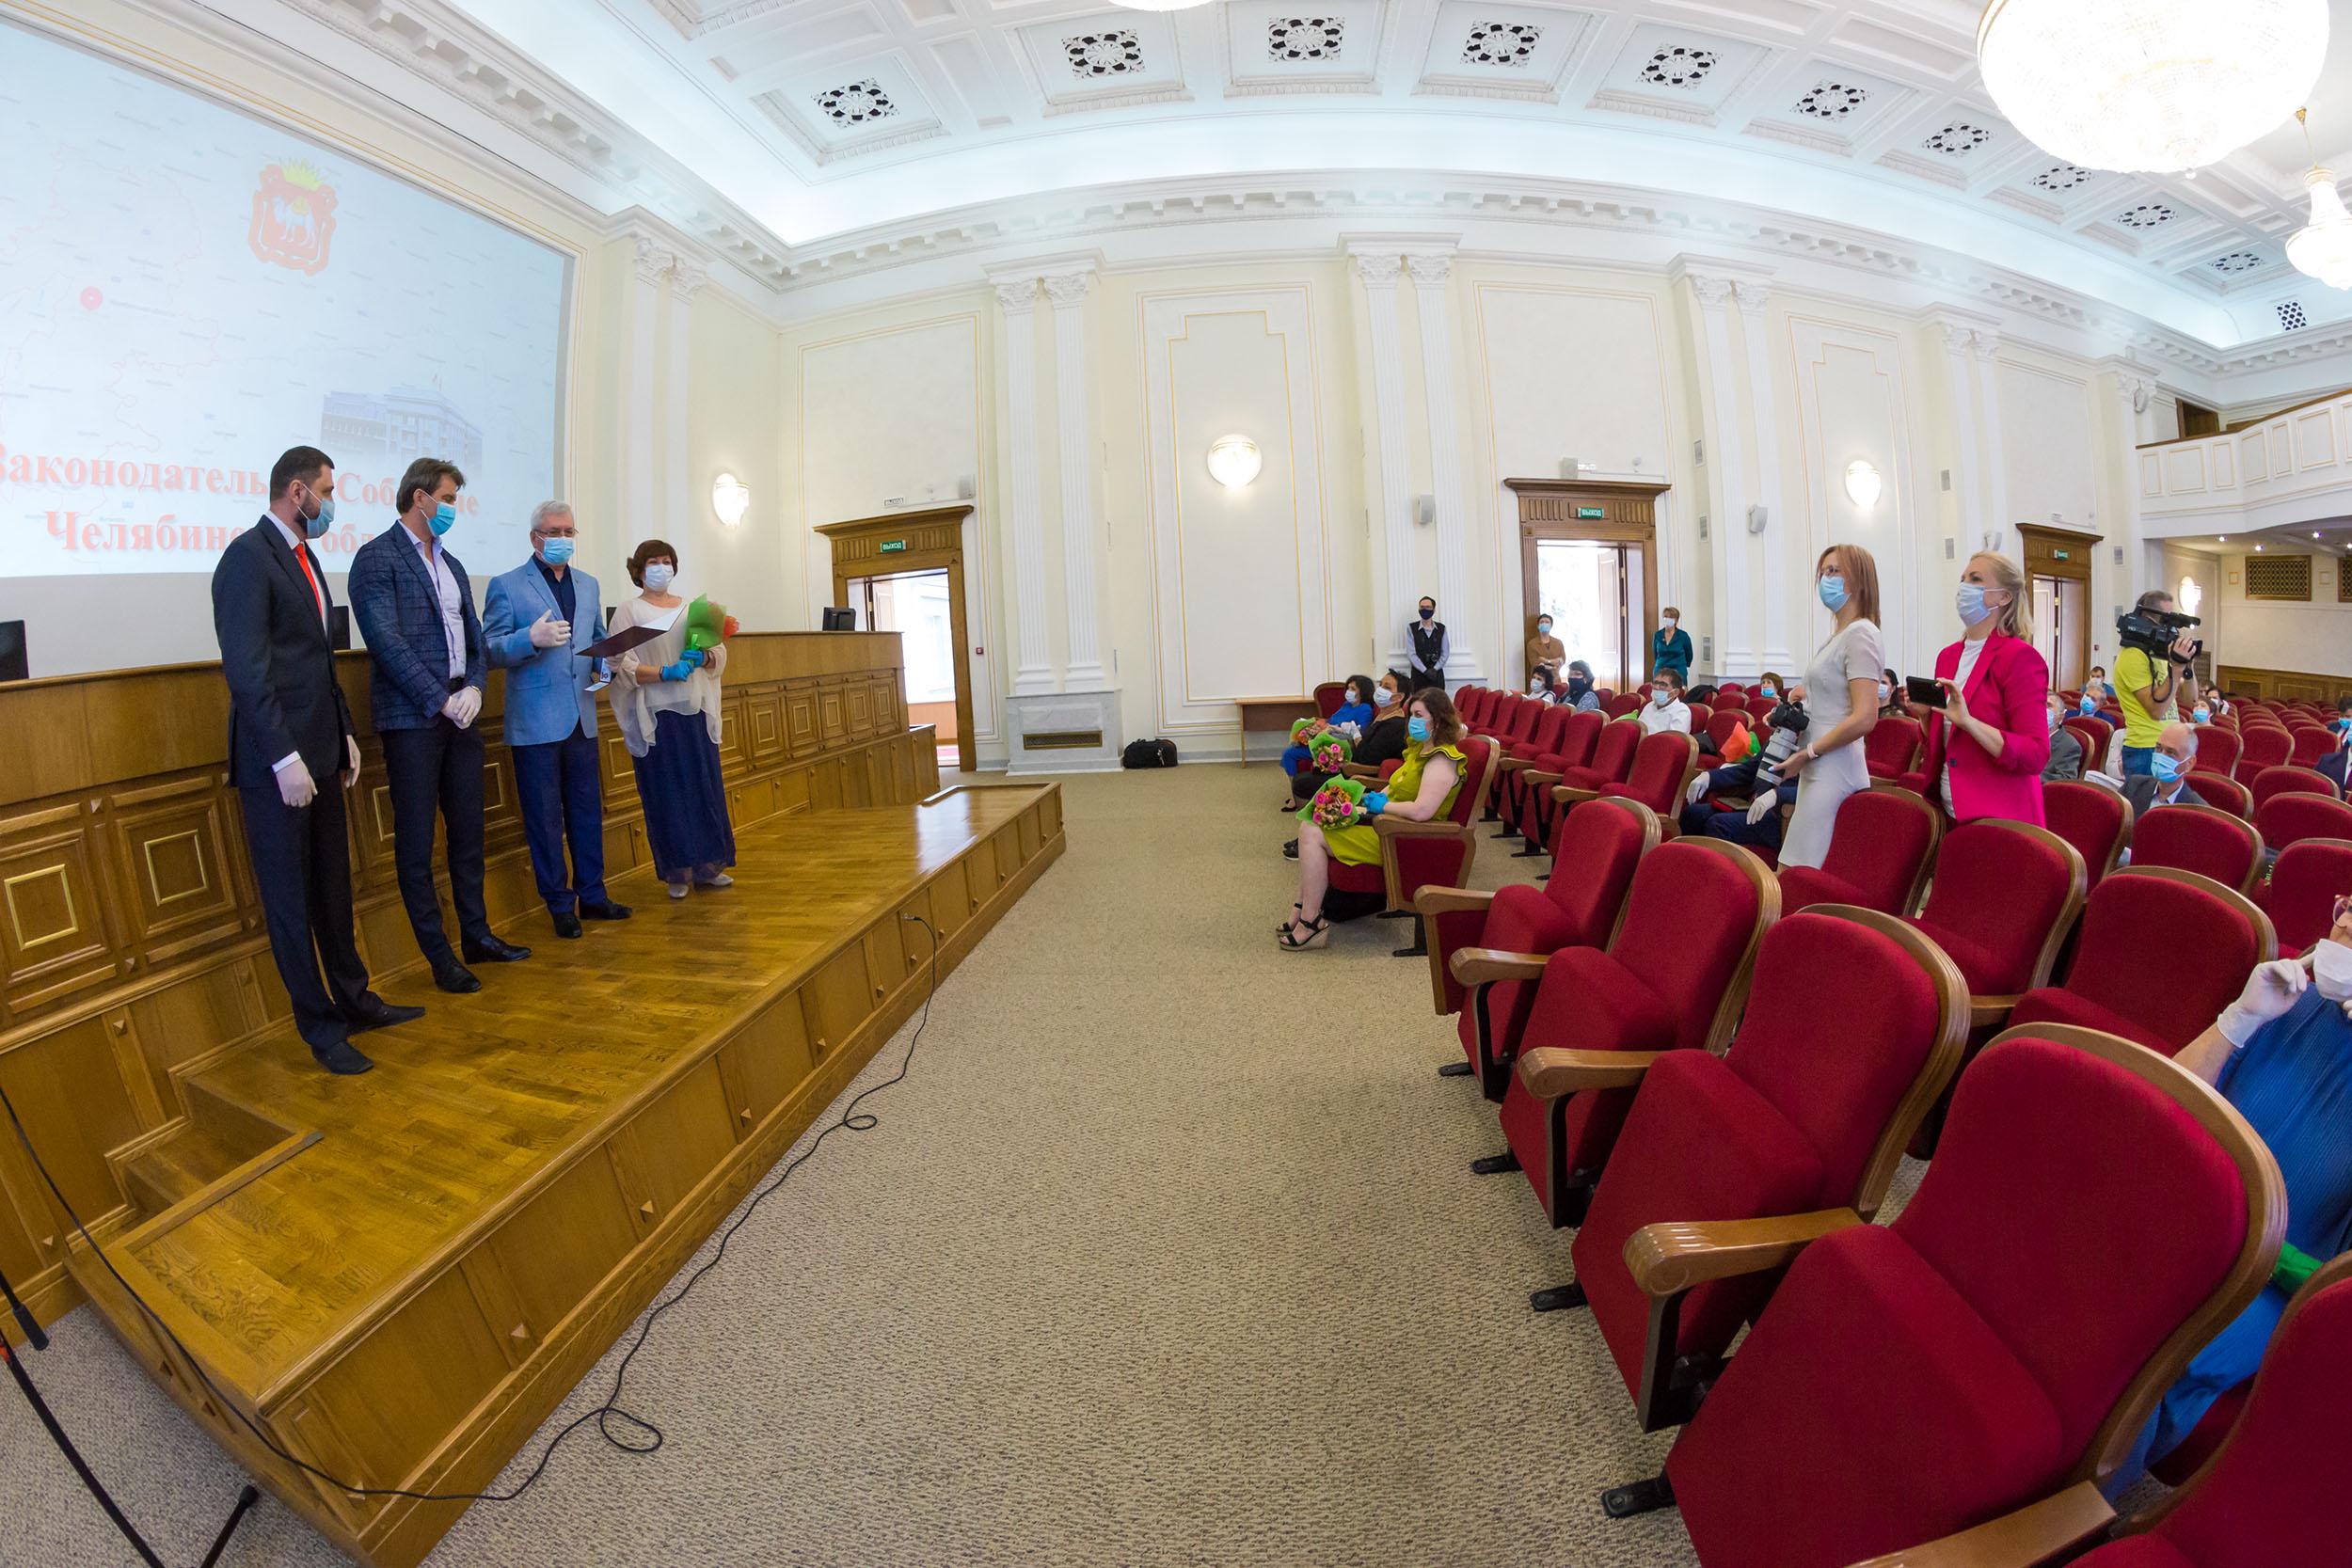 Лучшие из лучших. 37 южноуральцев наградили премиями областного парламента